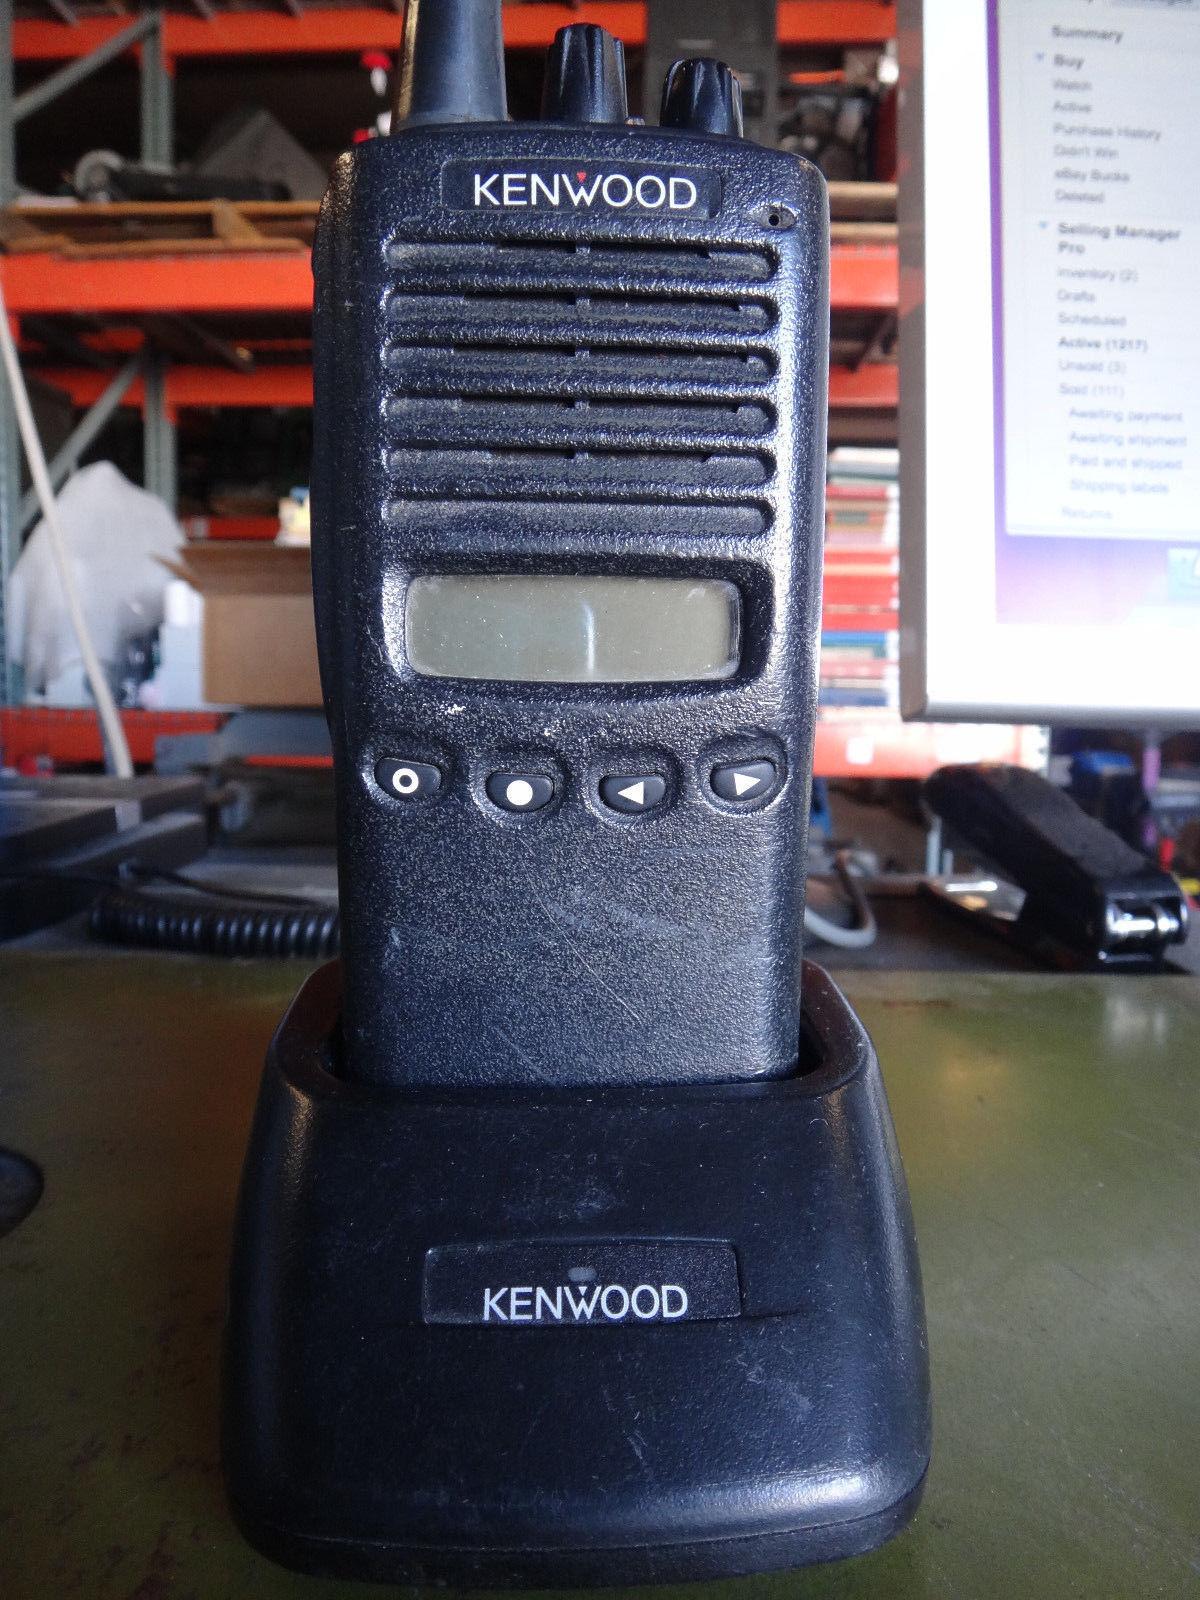 kenwood tk 372g vhf fm hand held radio with and similar items rh bonanza com Kenwood Tk 3312 Kenwood Tk 3312